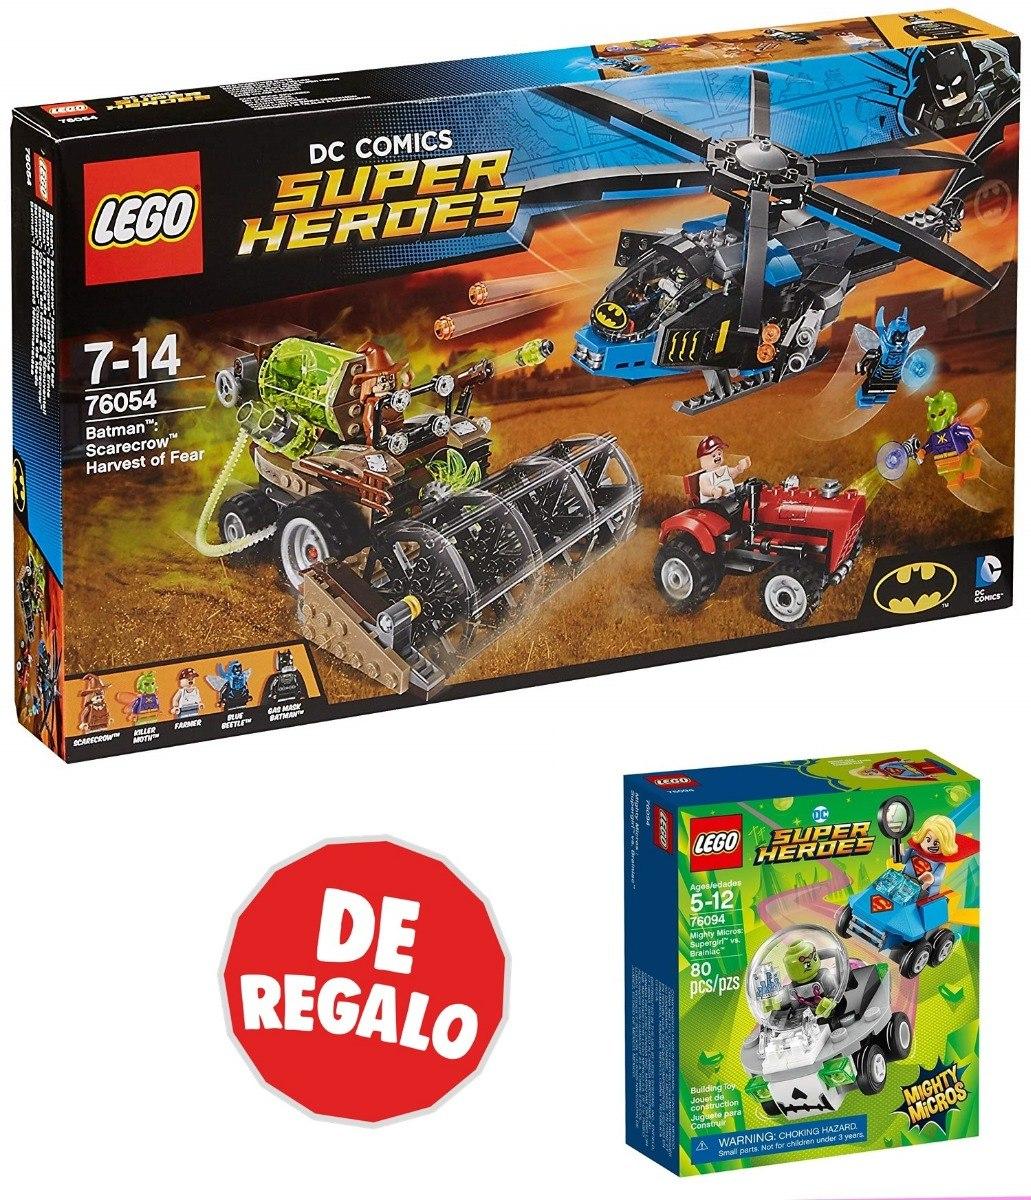 Del TerrorRegalo TerrorRegalo Super Super Lego HeroesBatmanCosecha HeroesBatmanCosecha Lego Del Lego E29HDI